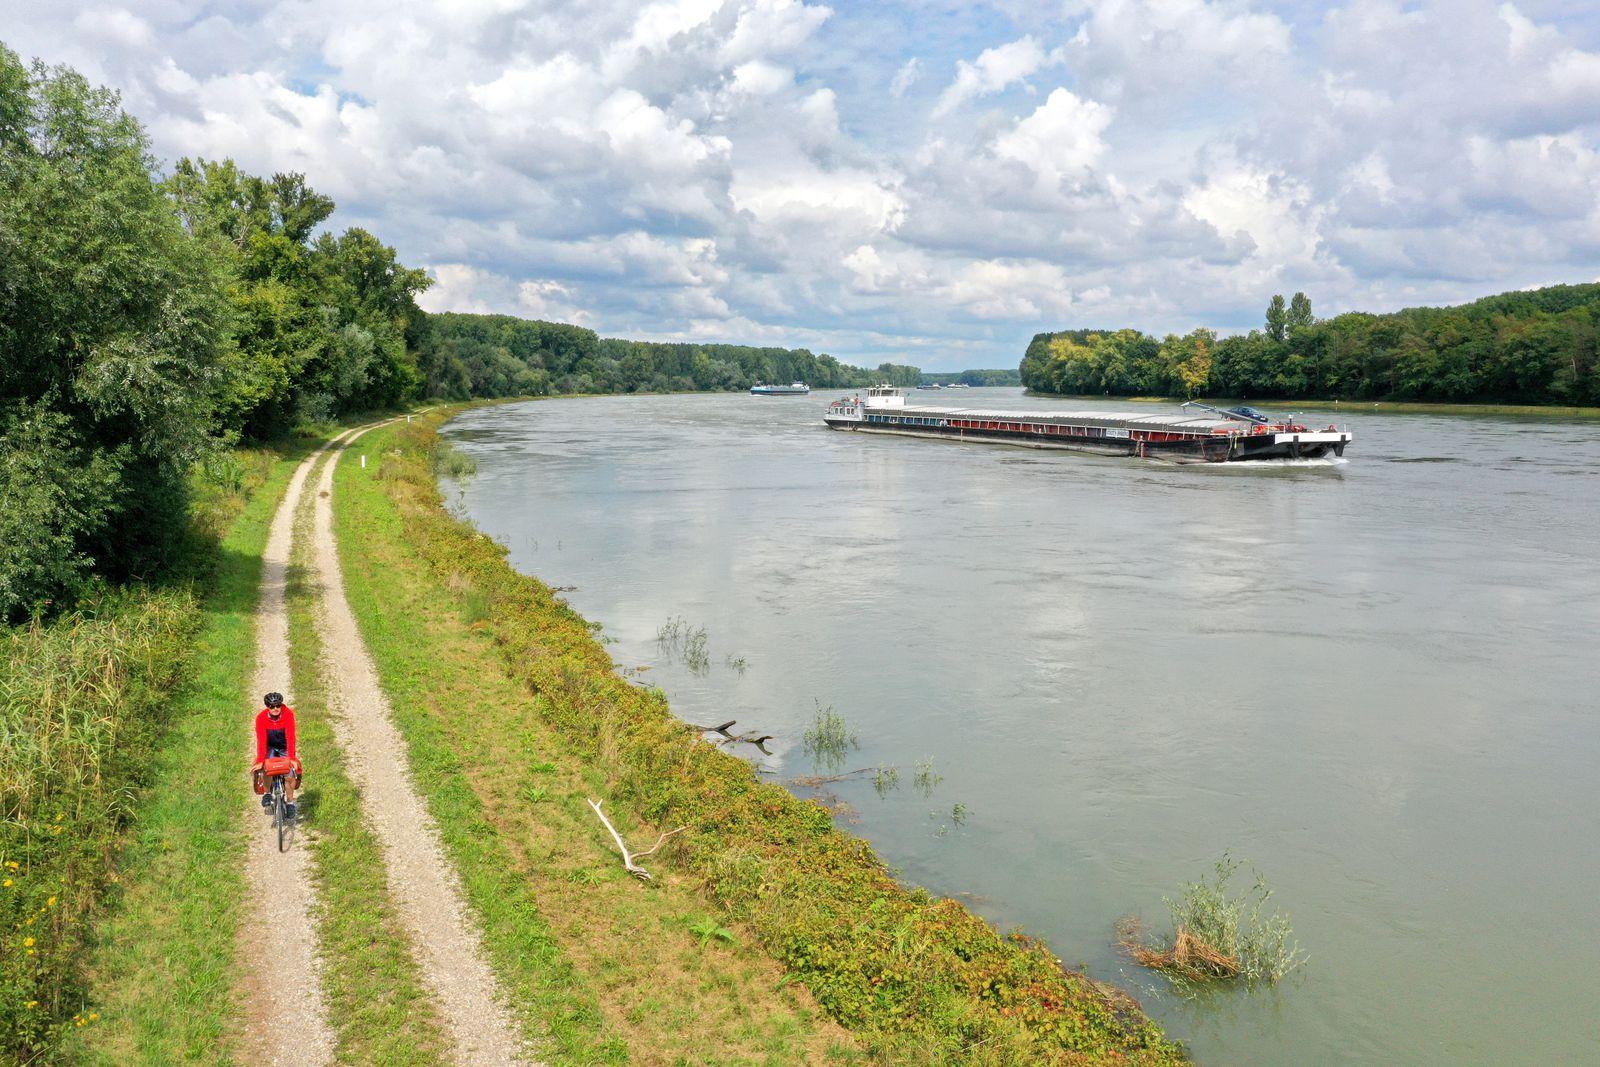 Rhein-Radweg - Uferweg in der Pfalz - Thorsten Brönner